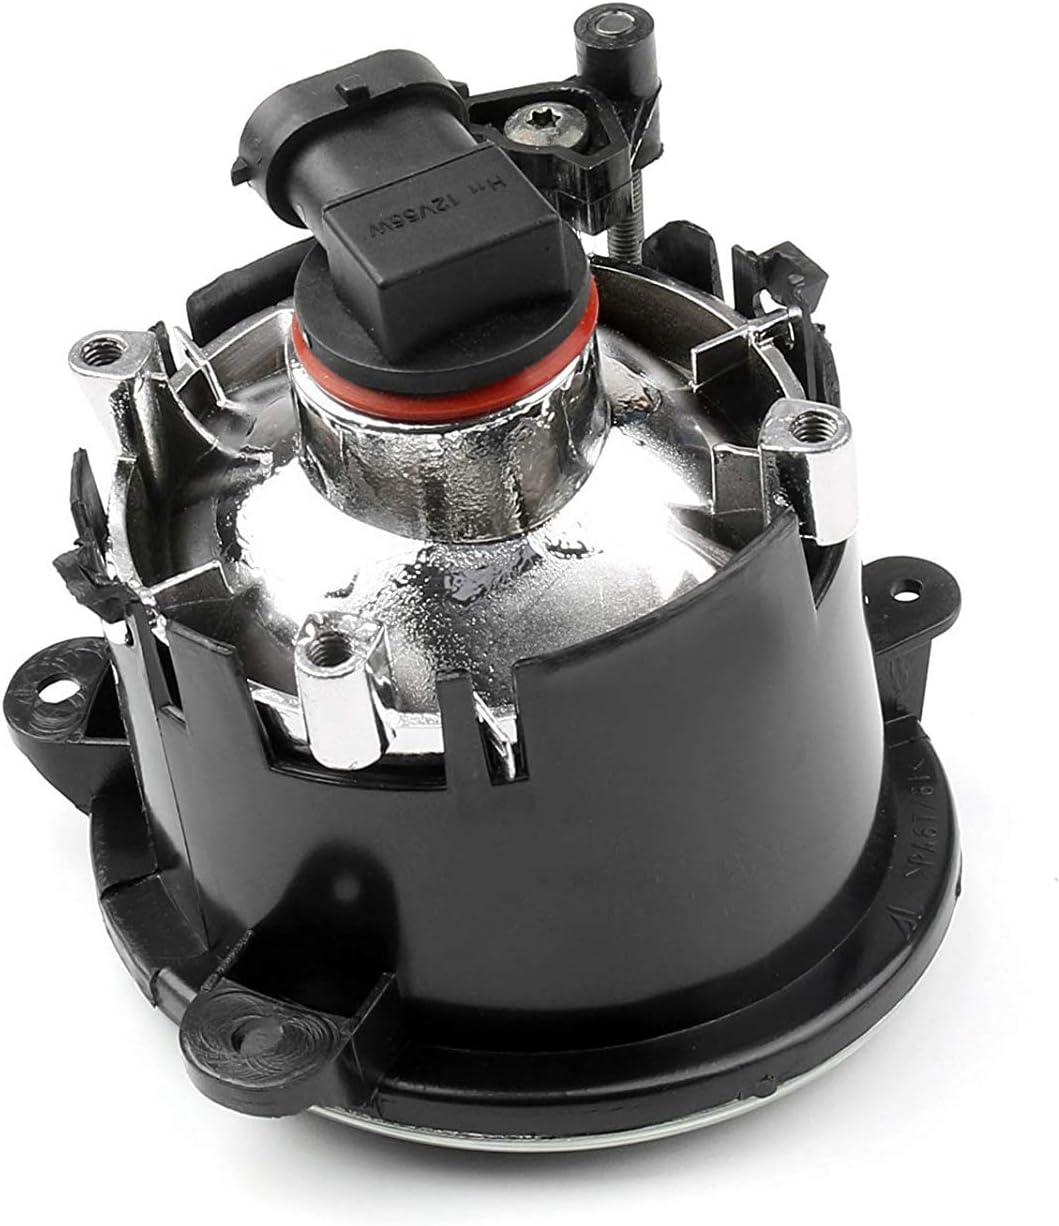 SEESEE.U Fog Lights Compatible Compatible for Car 1 pair Front Fog Lamp LED Fog Light Bulb Fog Lights Compatible Compatible for Land R-O-V-E-R Discovery 03-04 RANGE R-O-V-E-R 2006-2009